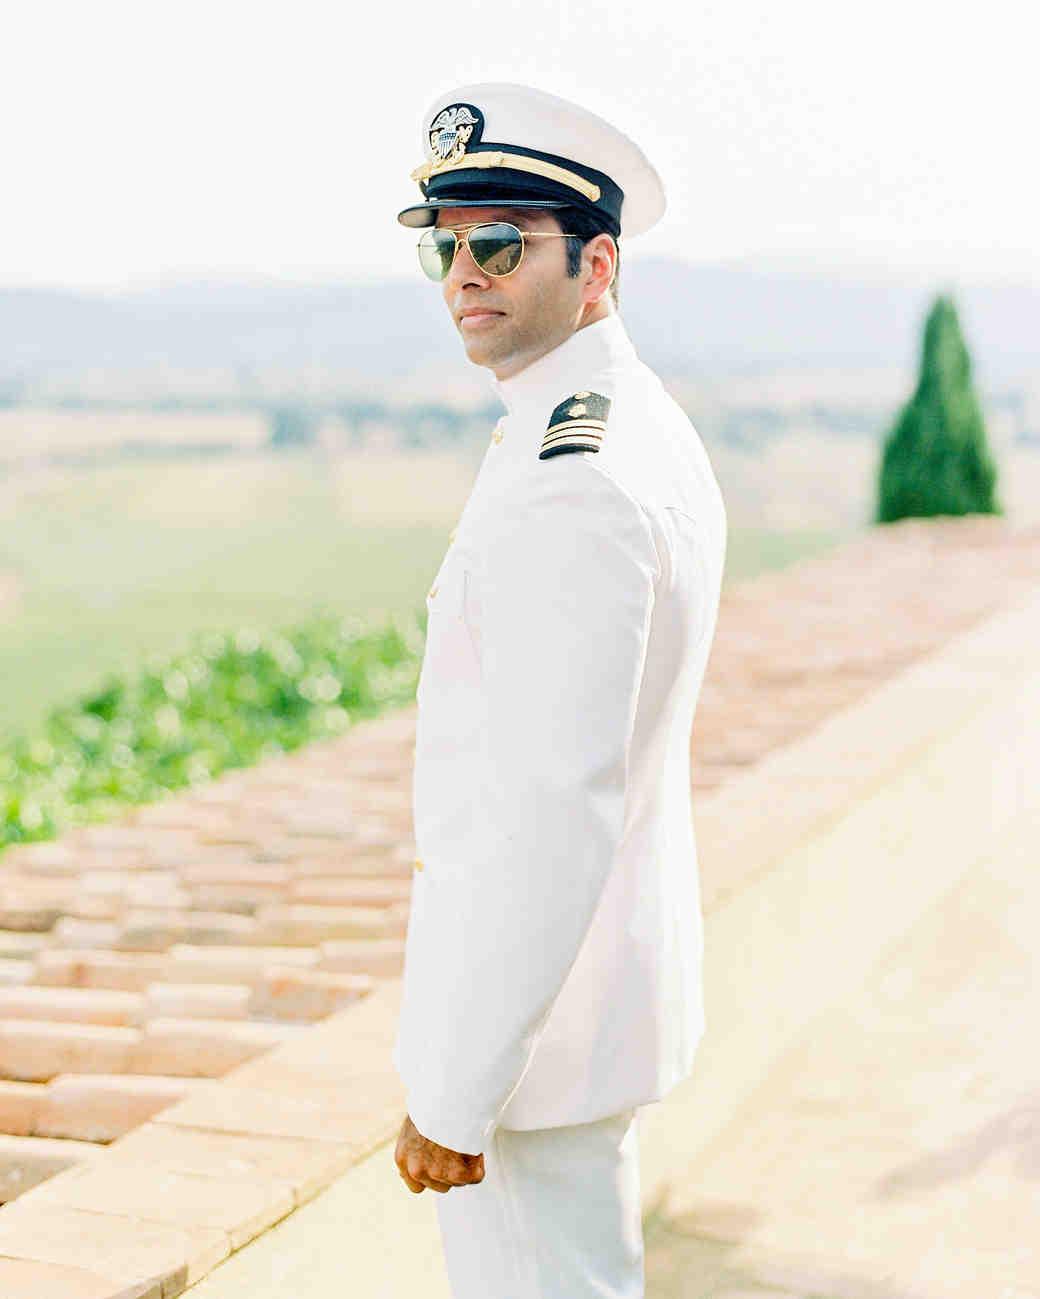 kseniya sadhir wedding groom in navy dress whites